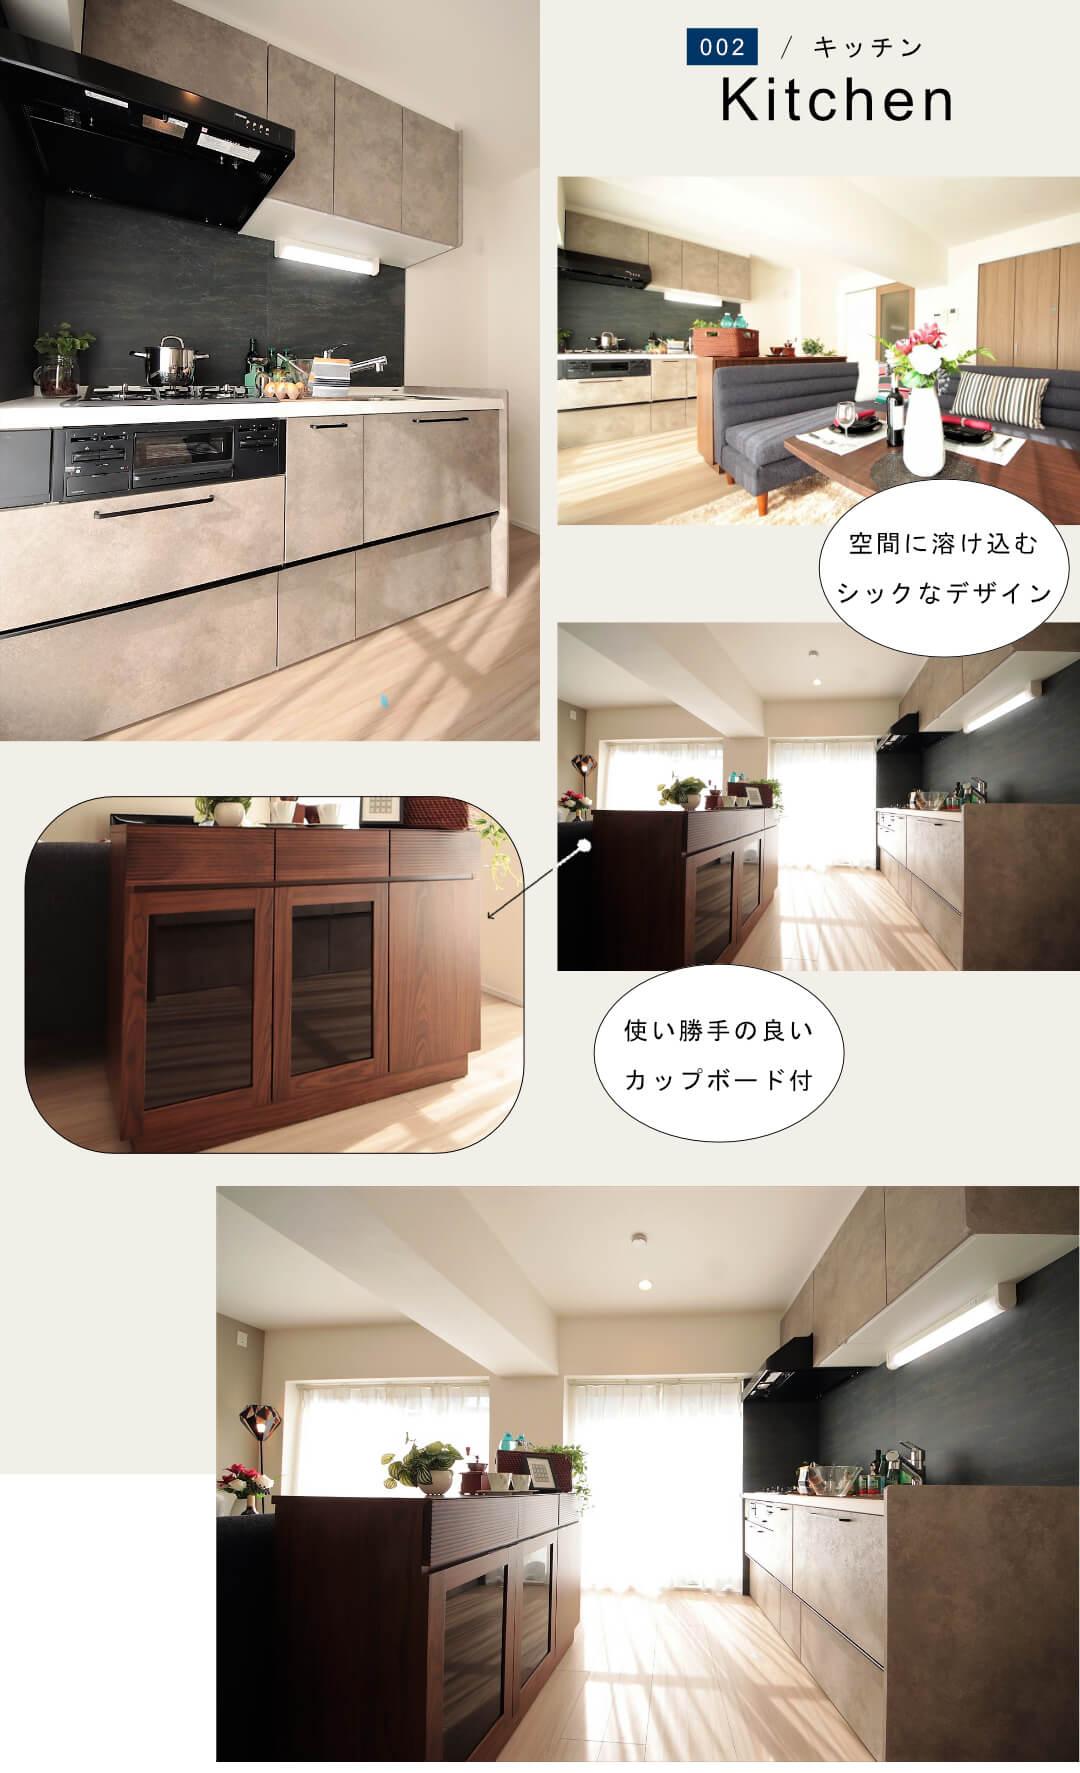 マンションニュー恵比寿のキッチン